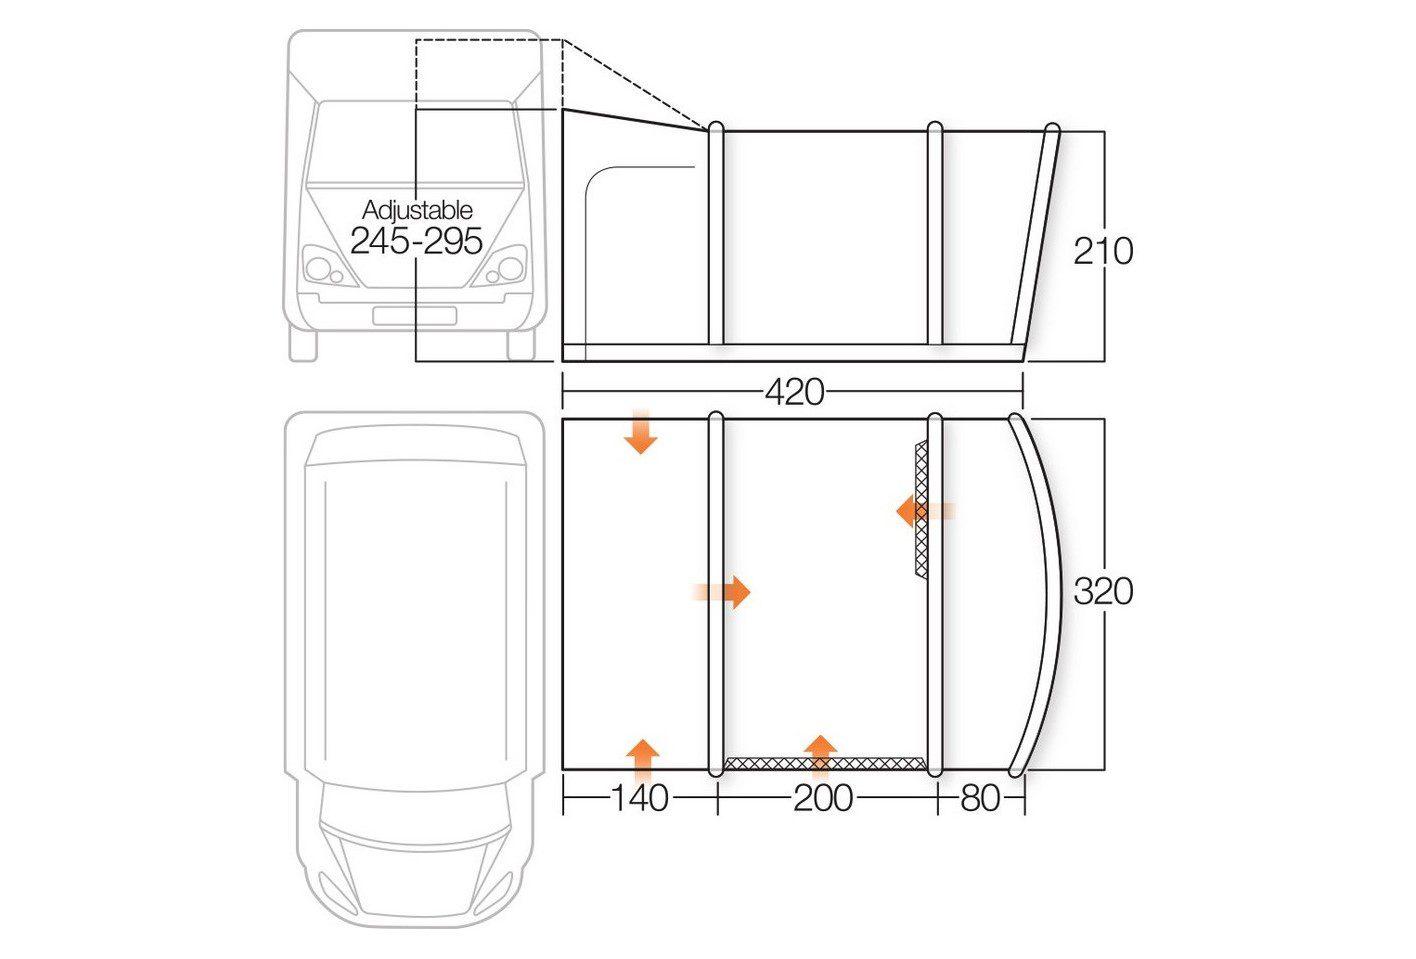 Vango Cruz II Tall 2018 specifications